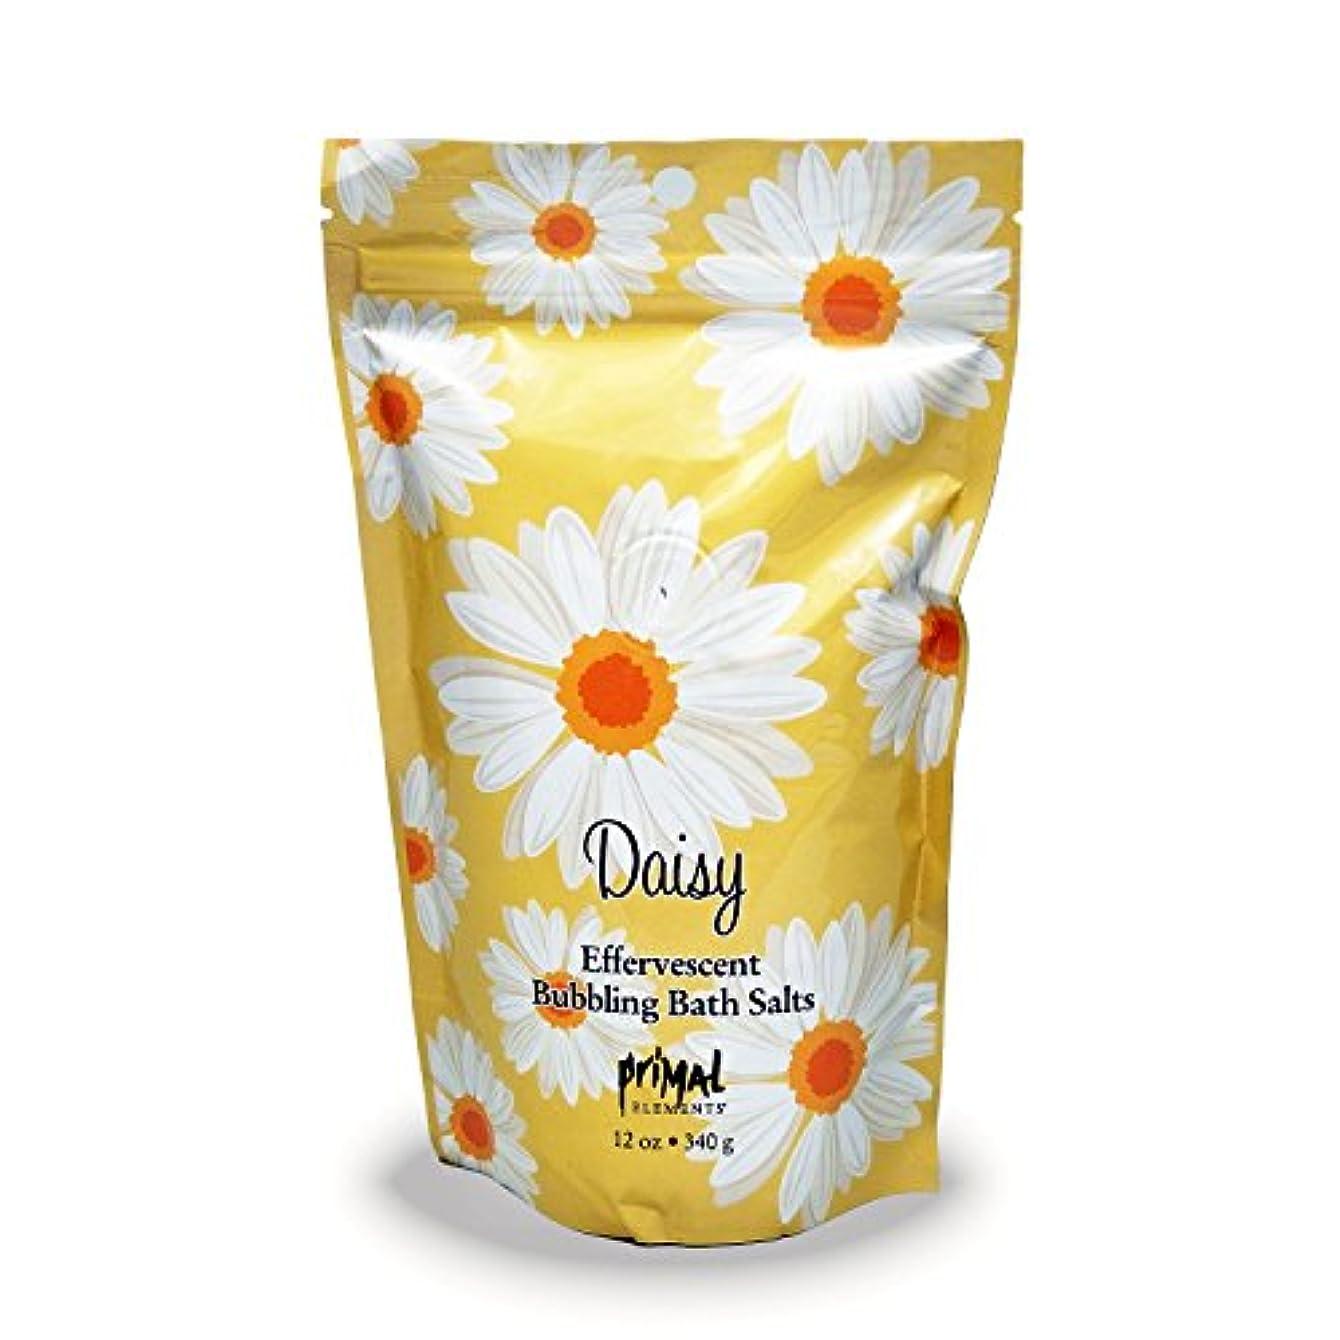 手荷物メディアフリースプライモールエレメンツ バブリング バスソルト/デイジー 340g エプソムソルト含有 アロマの香りがひろがる泡立つ入浴剤